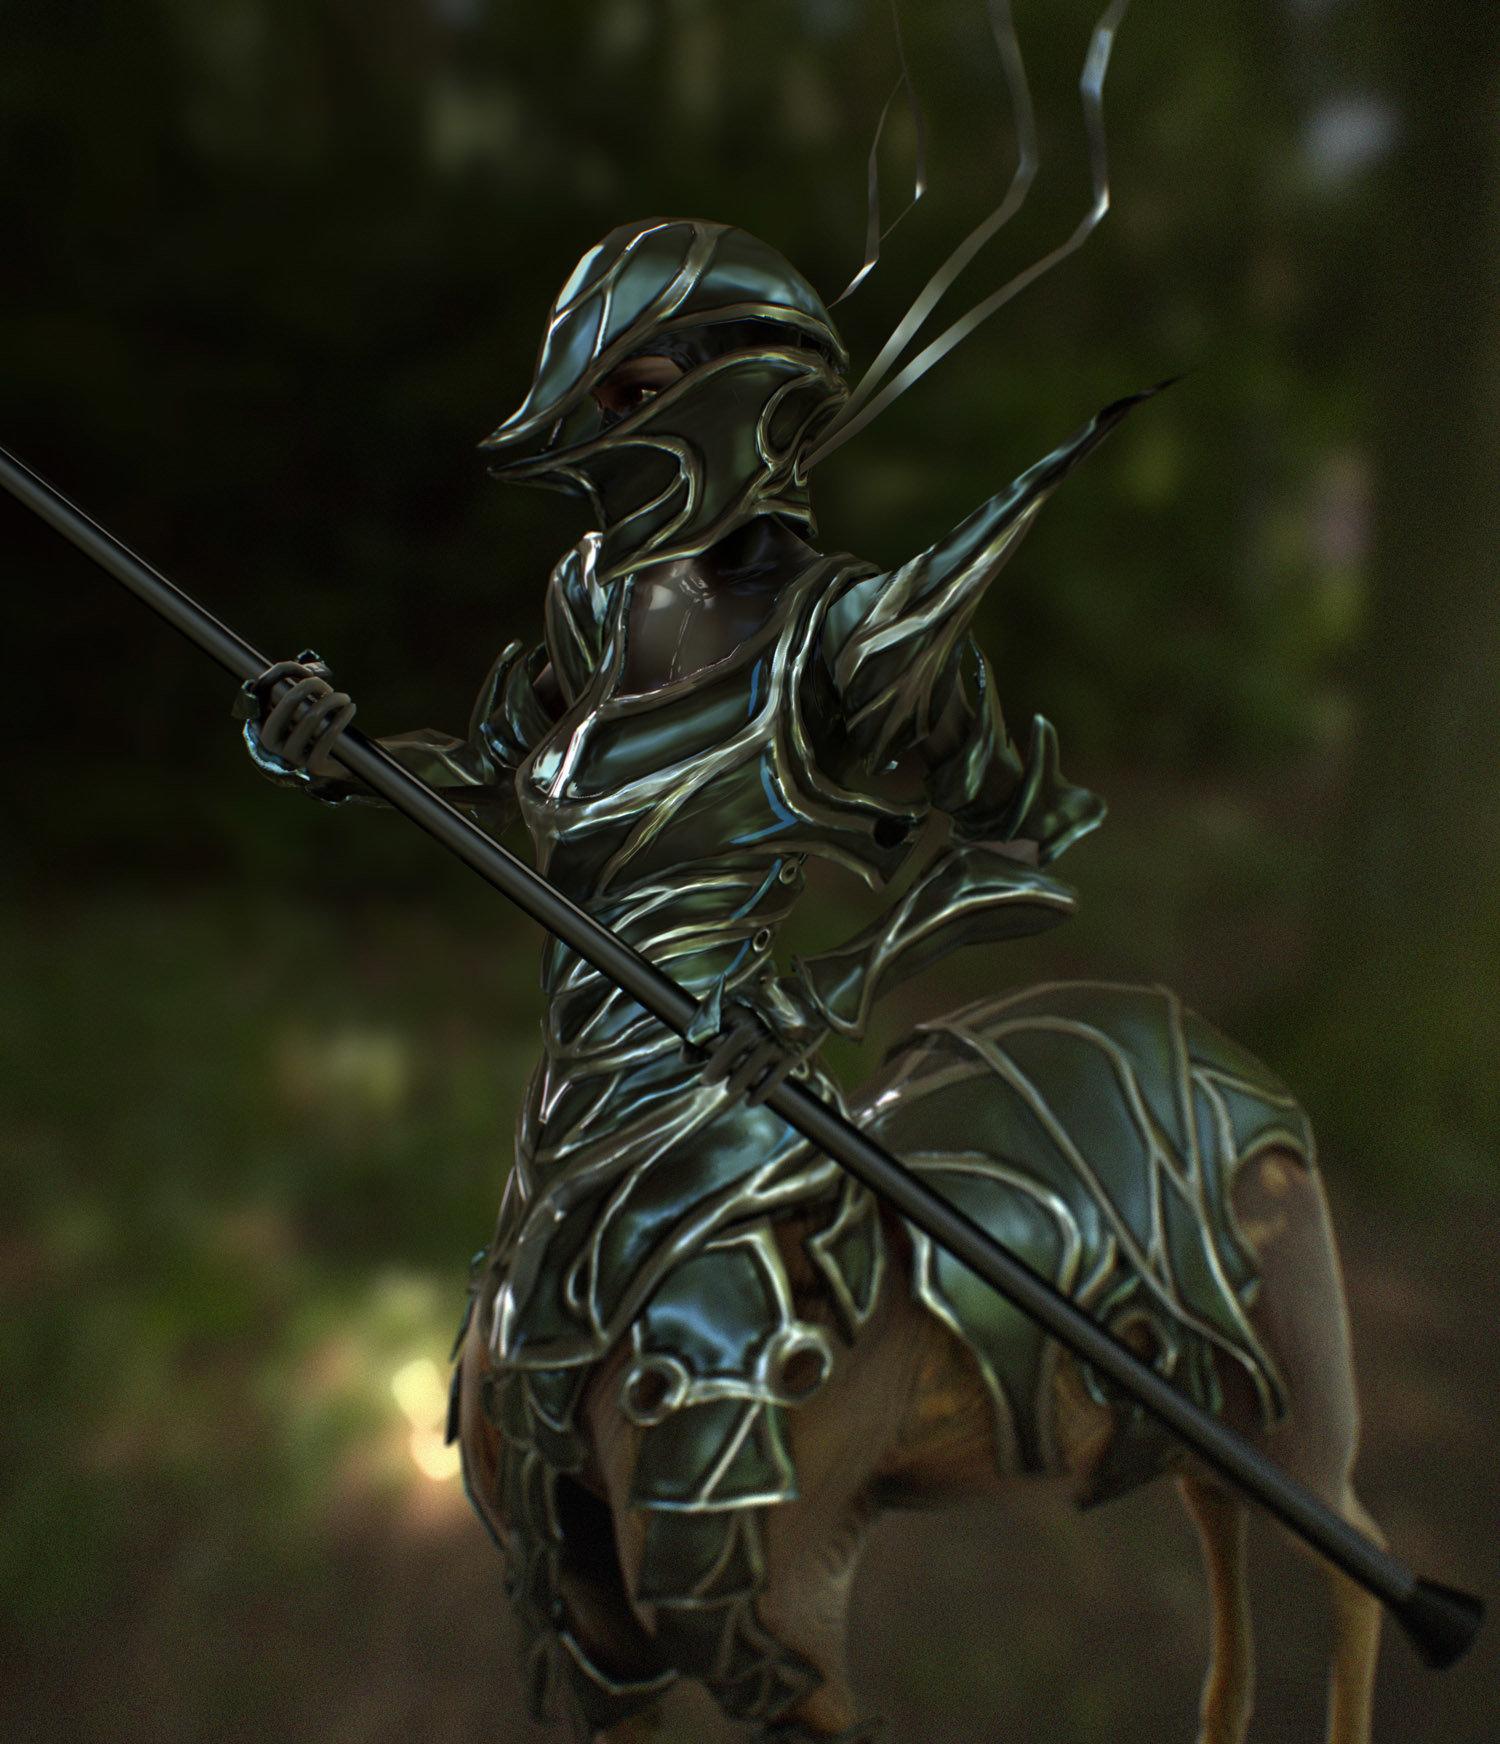 Luis santander armored deertaur 2